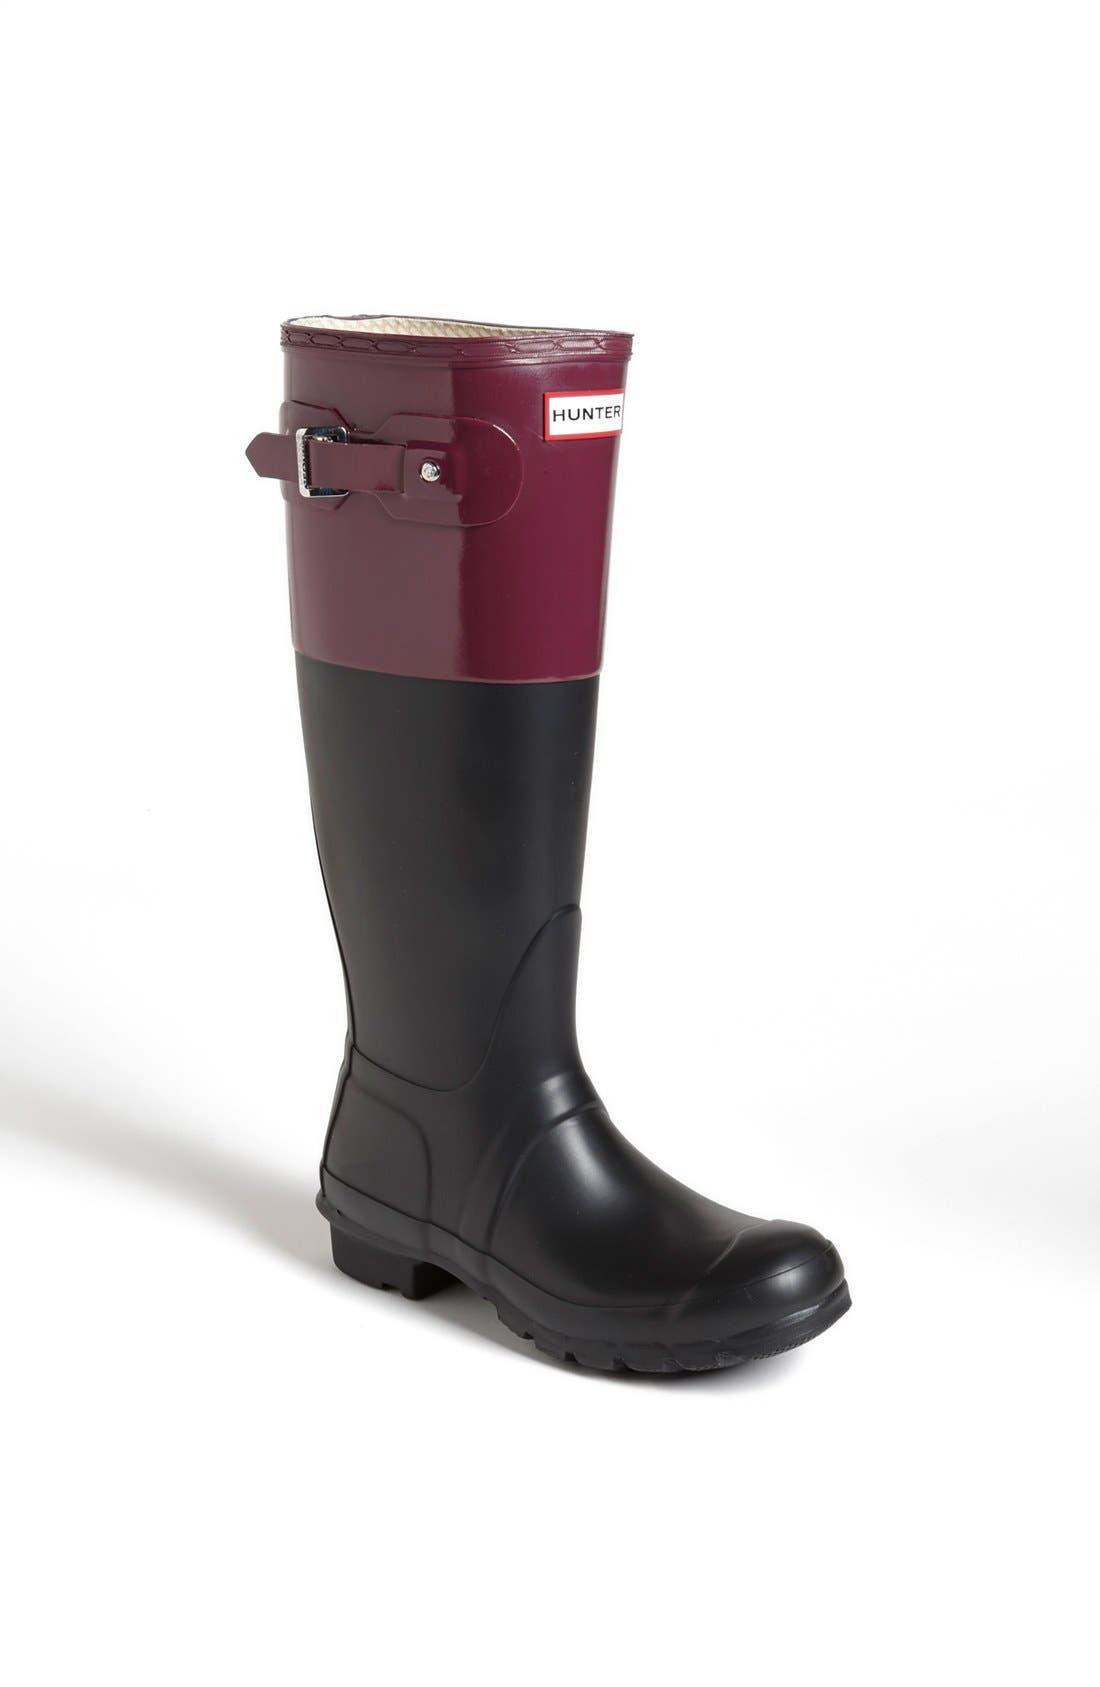 Main Image - Hunter 'Original Colorblock' Rain Boot (Women)